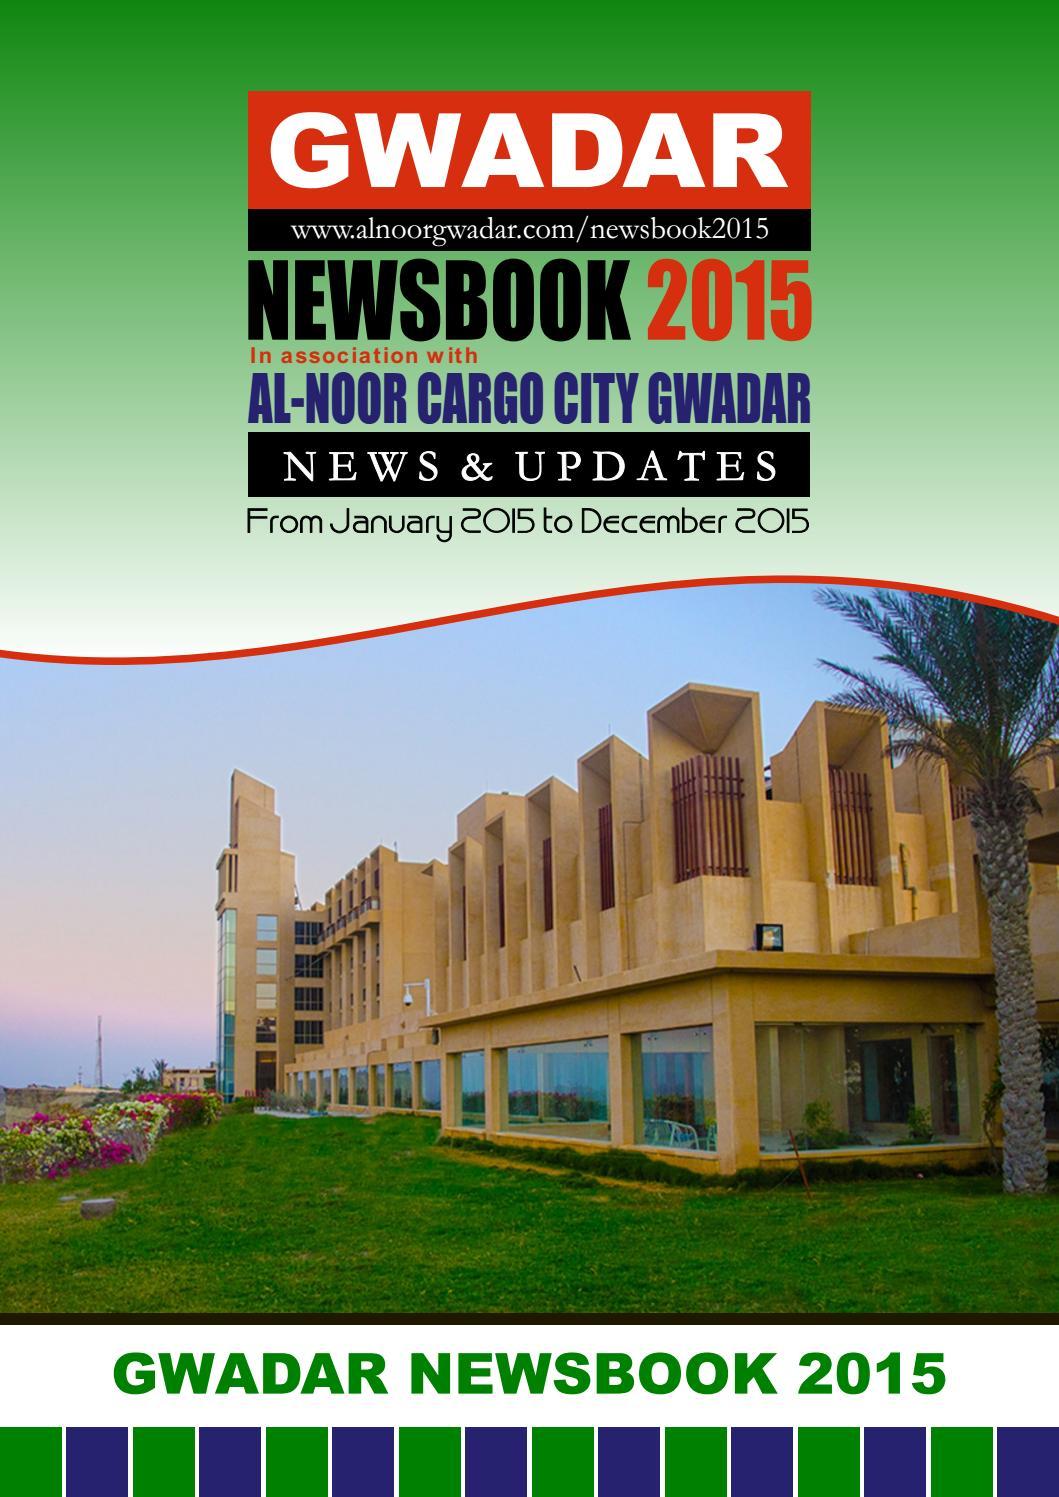 MS Gwadar Newsbooks 2015 by Mian Waqar - issuu